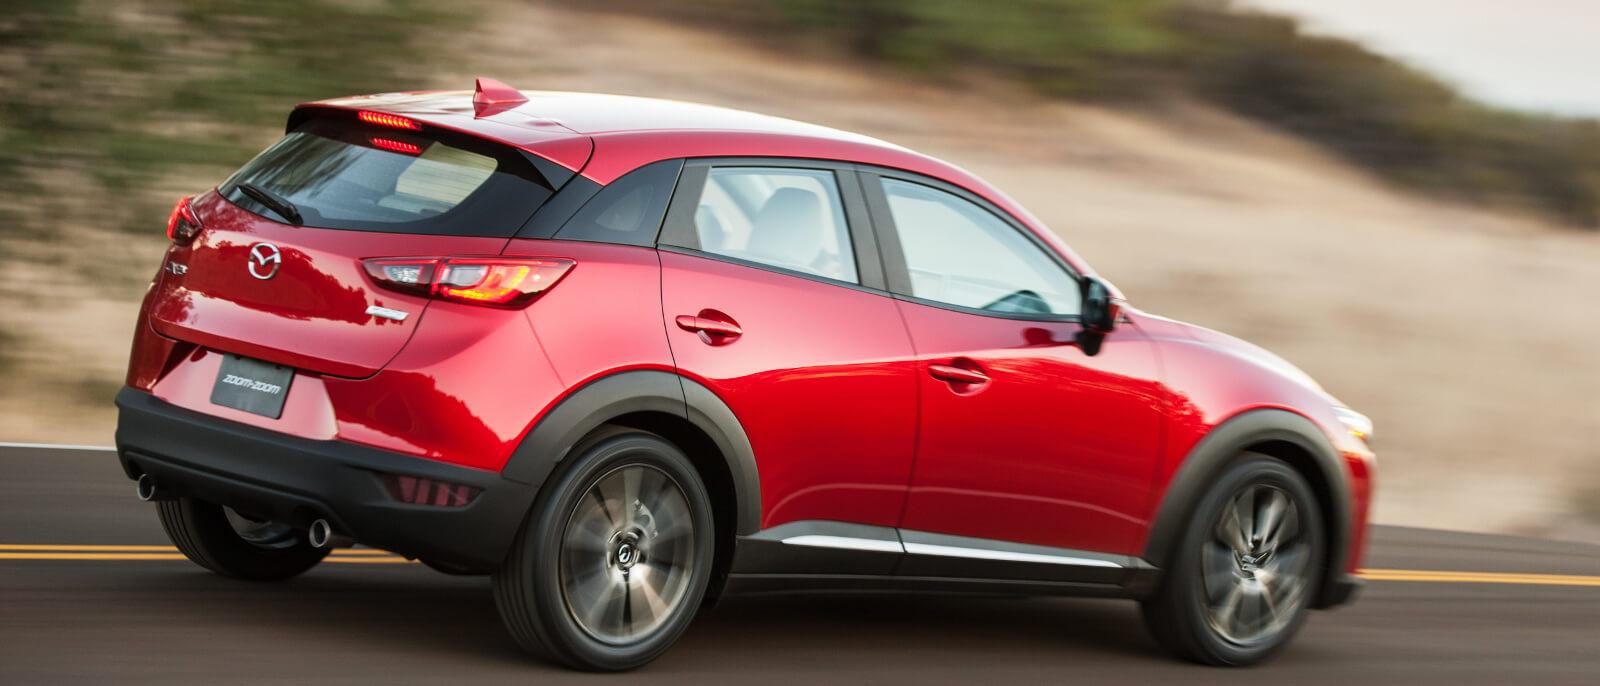 2017 Mazda CX-3 rear